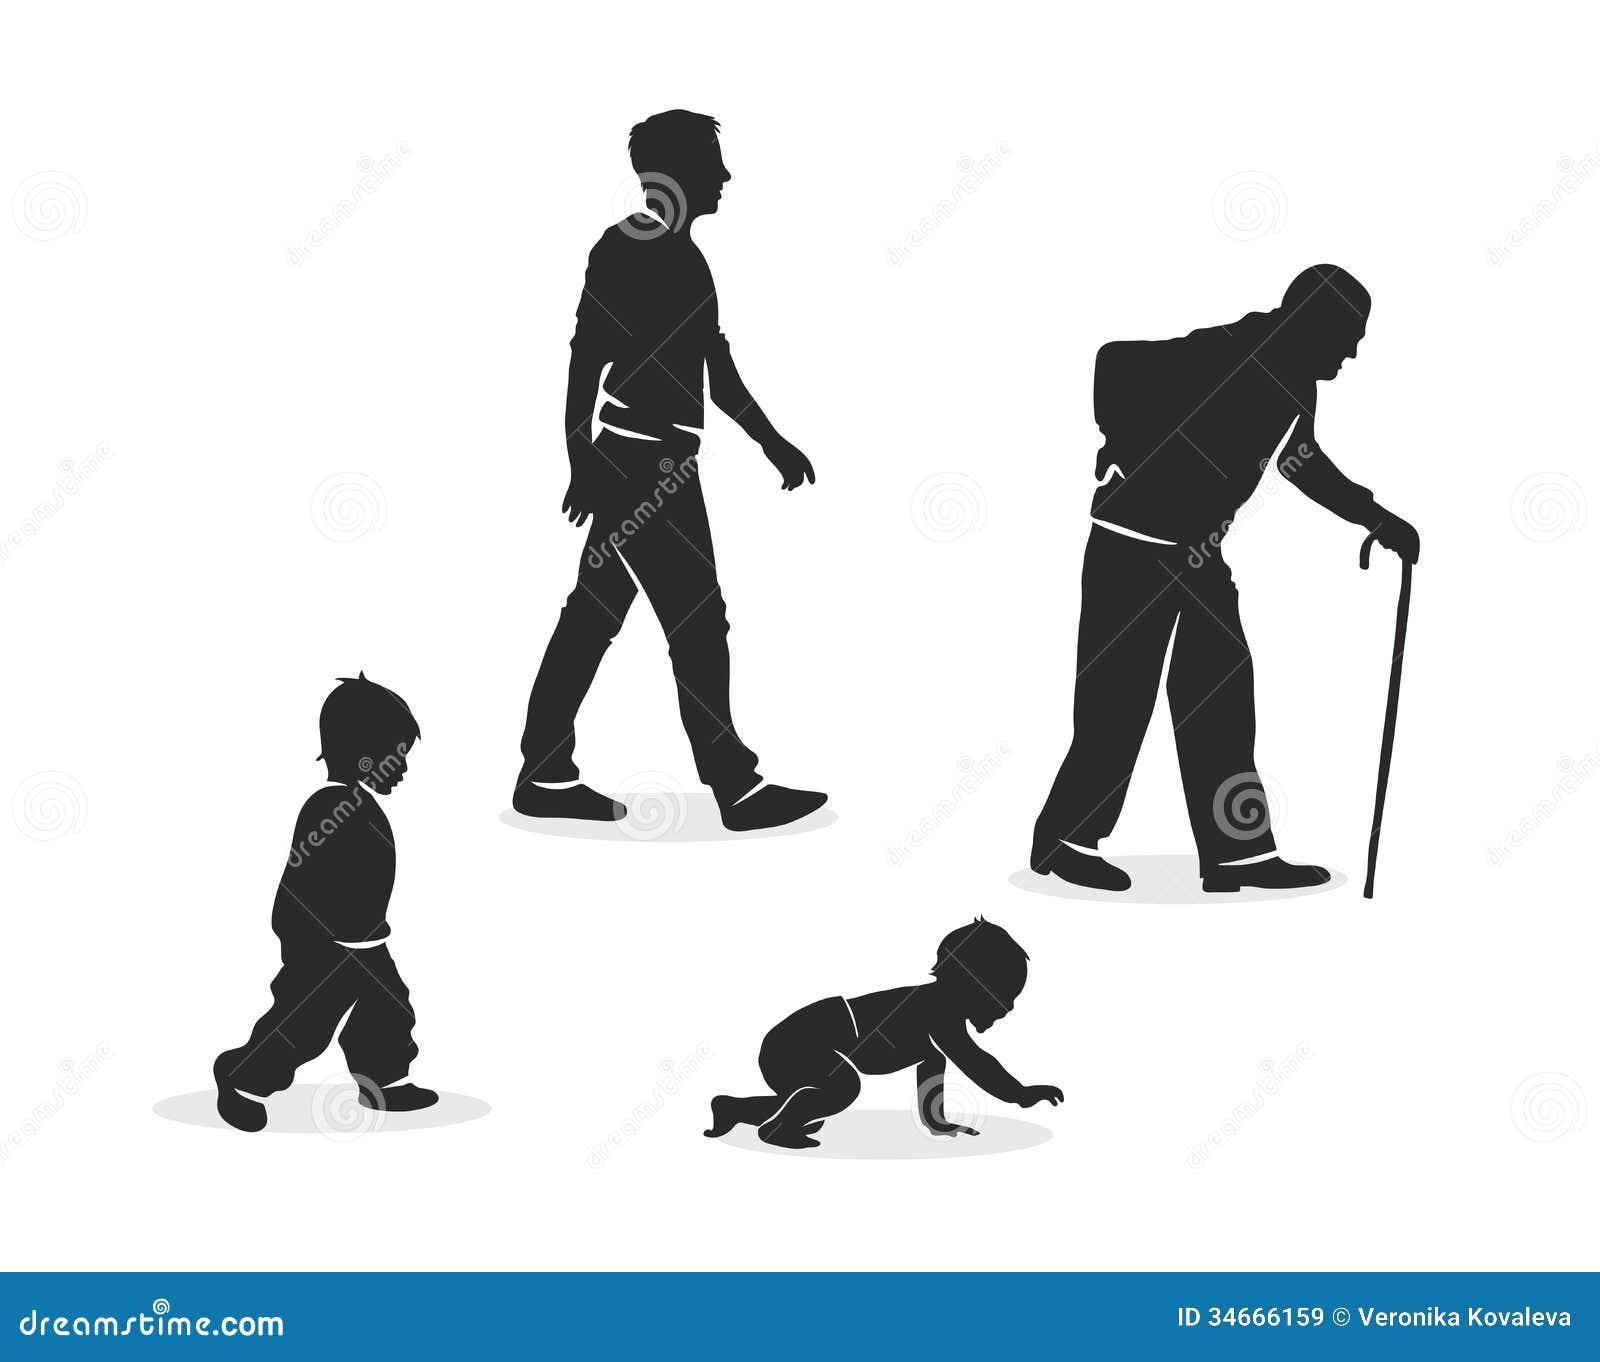 Ilustração do envelhecimento humano.